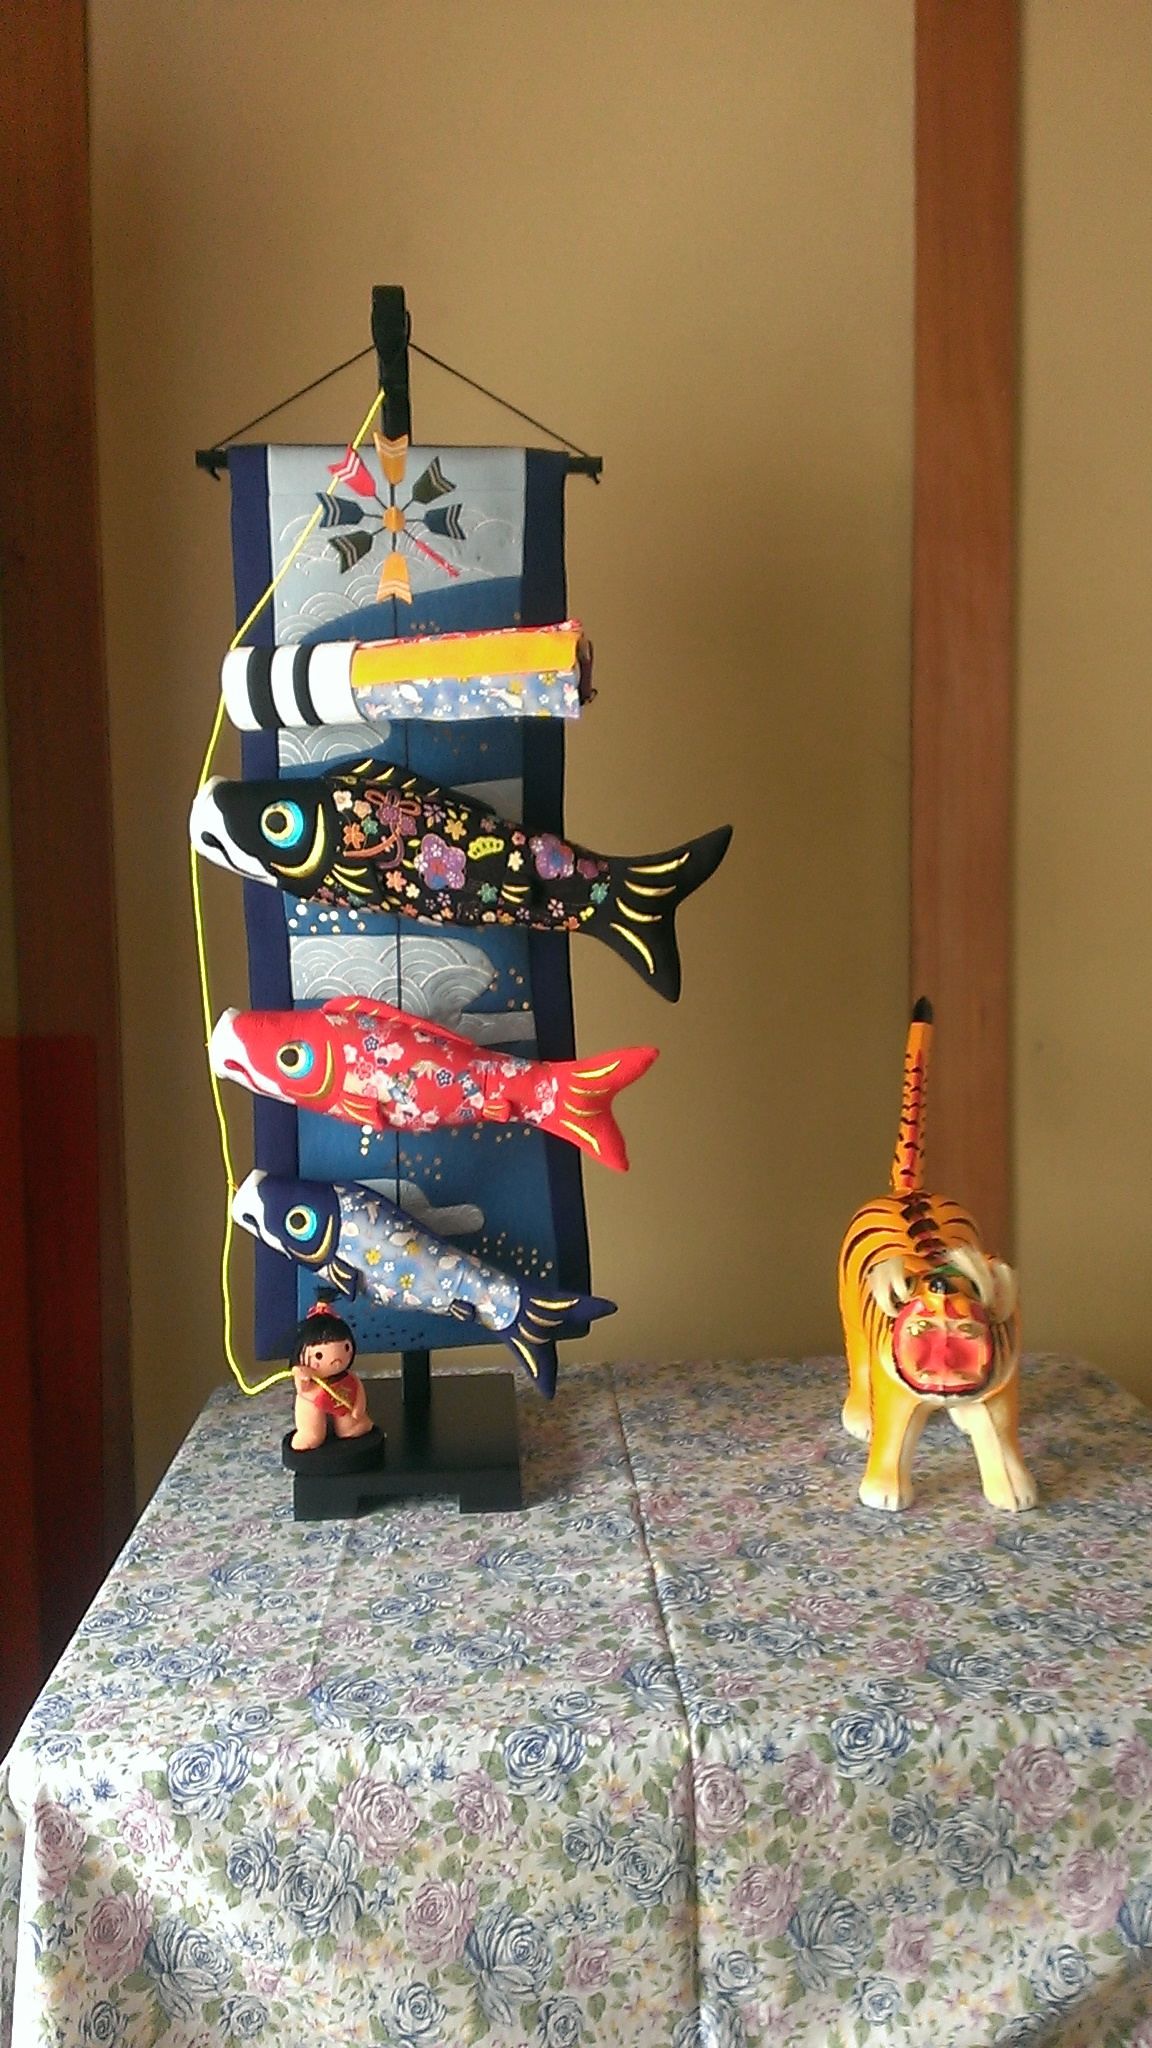 鯉のぼりと張り子の虎